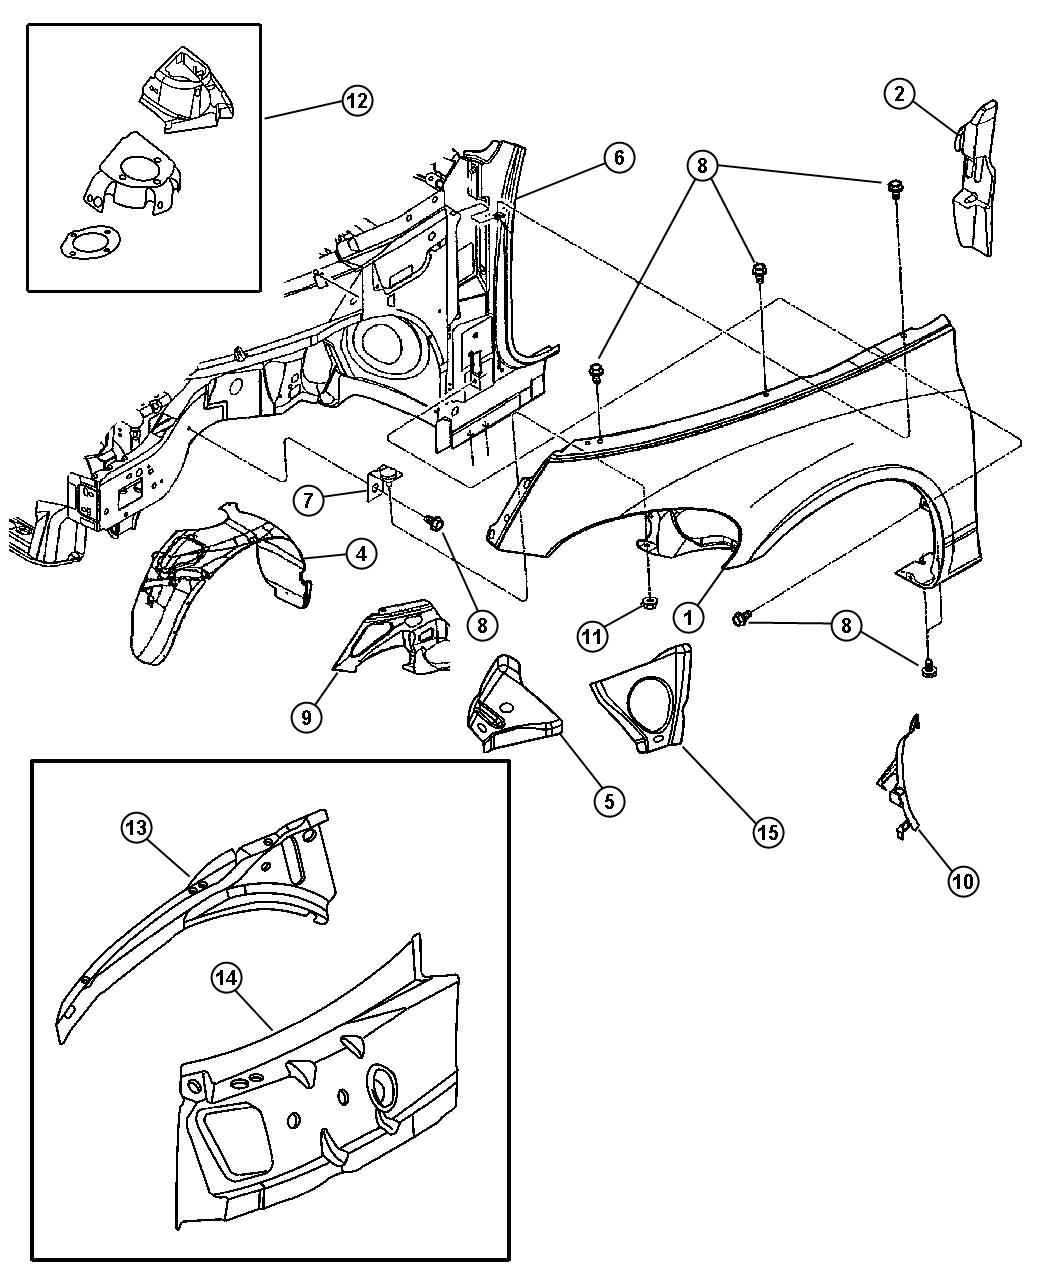 Chrysler Pt Cruiser Bracket. Fender mounting rear. Lshaped